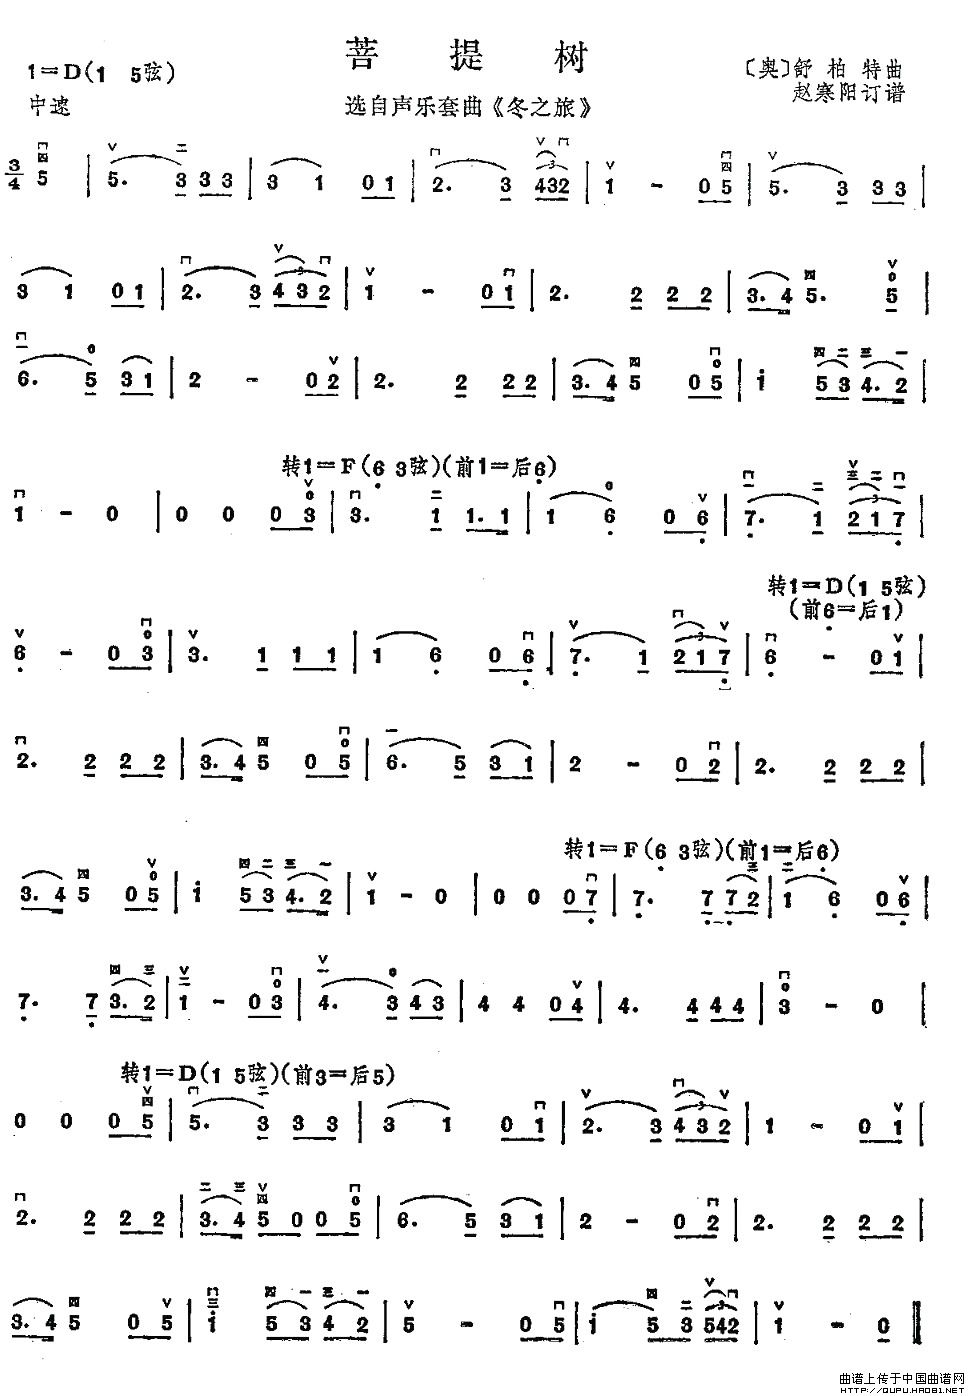 欢乐颂口琴乐谱菩提图片